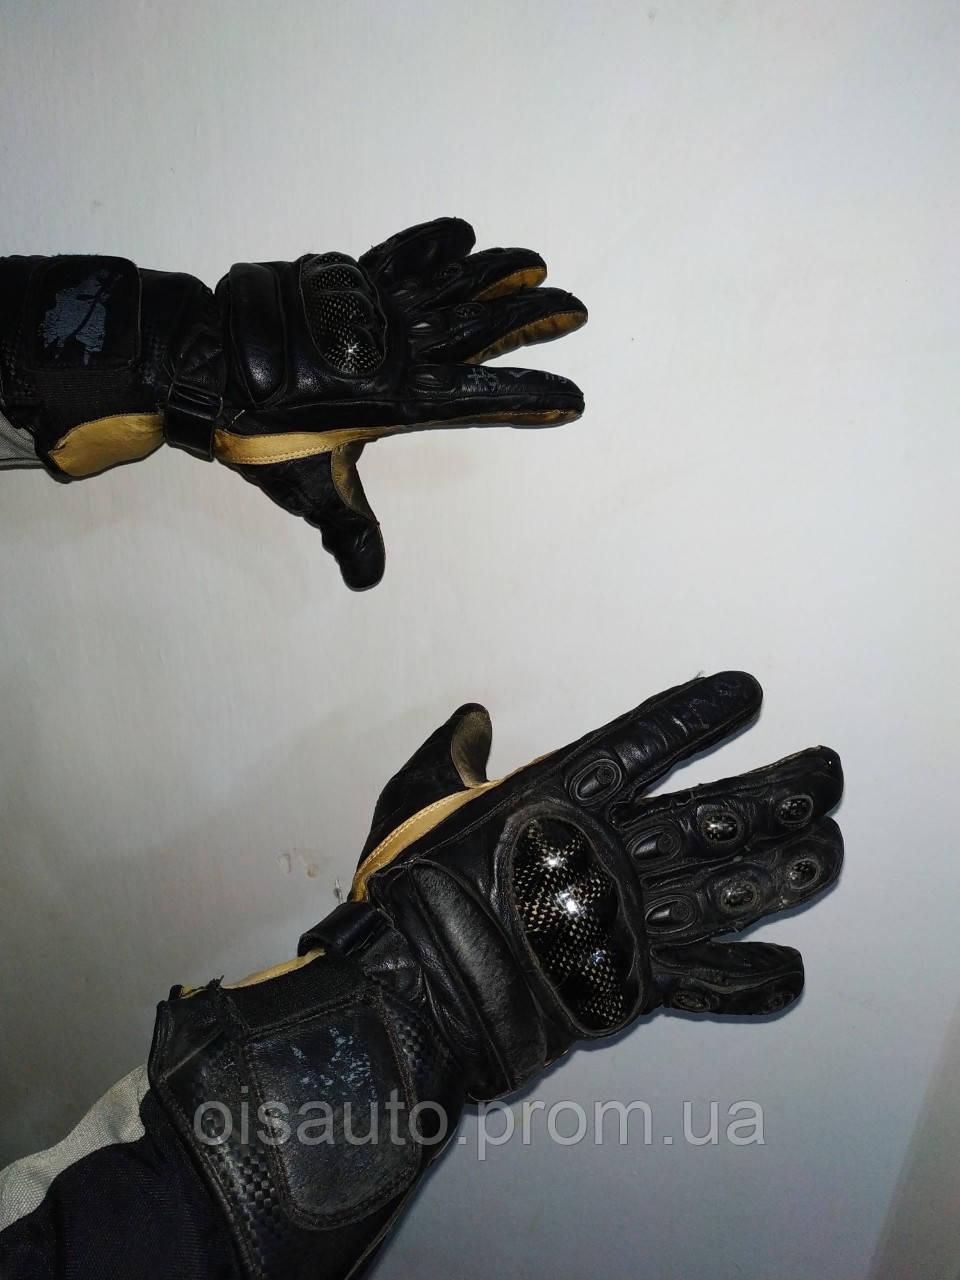 Рукавиці мотоциклетні із захистом б/у (шкіра)